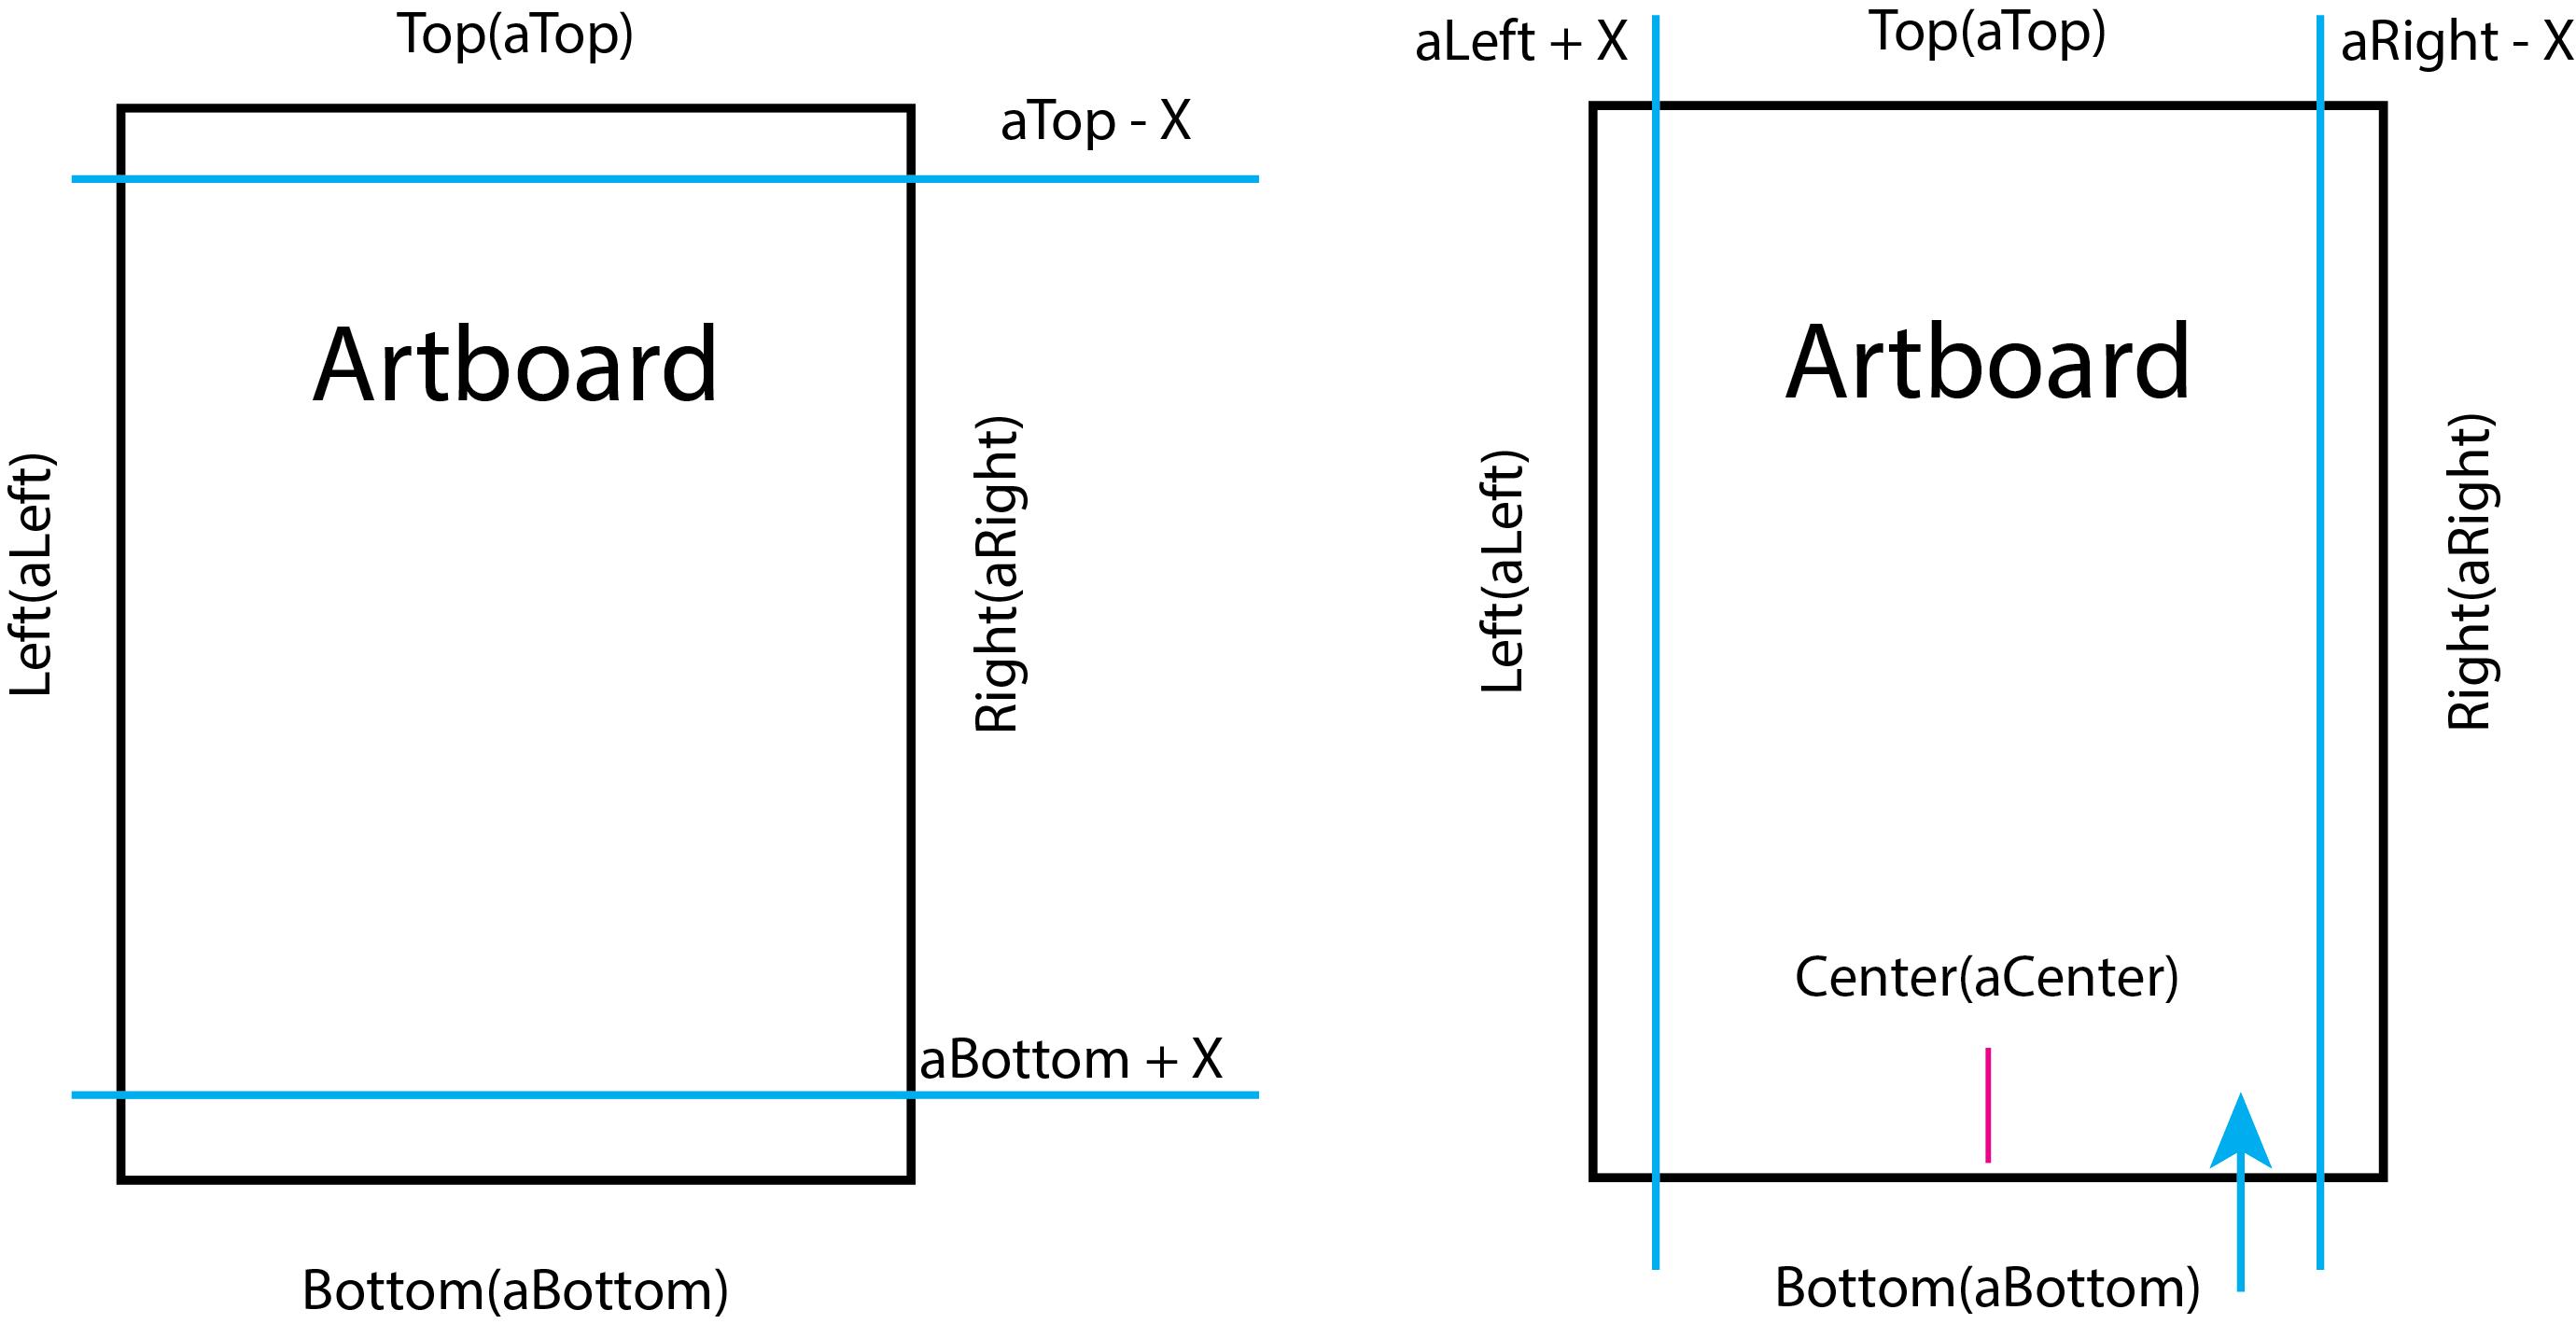 Margins or offset for artboards borders